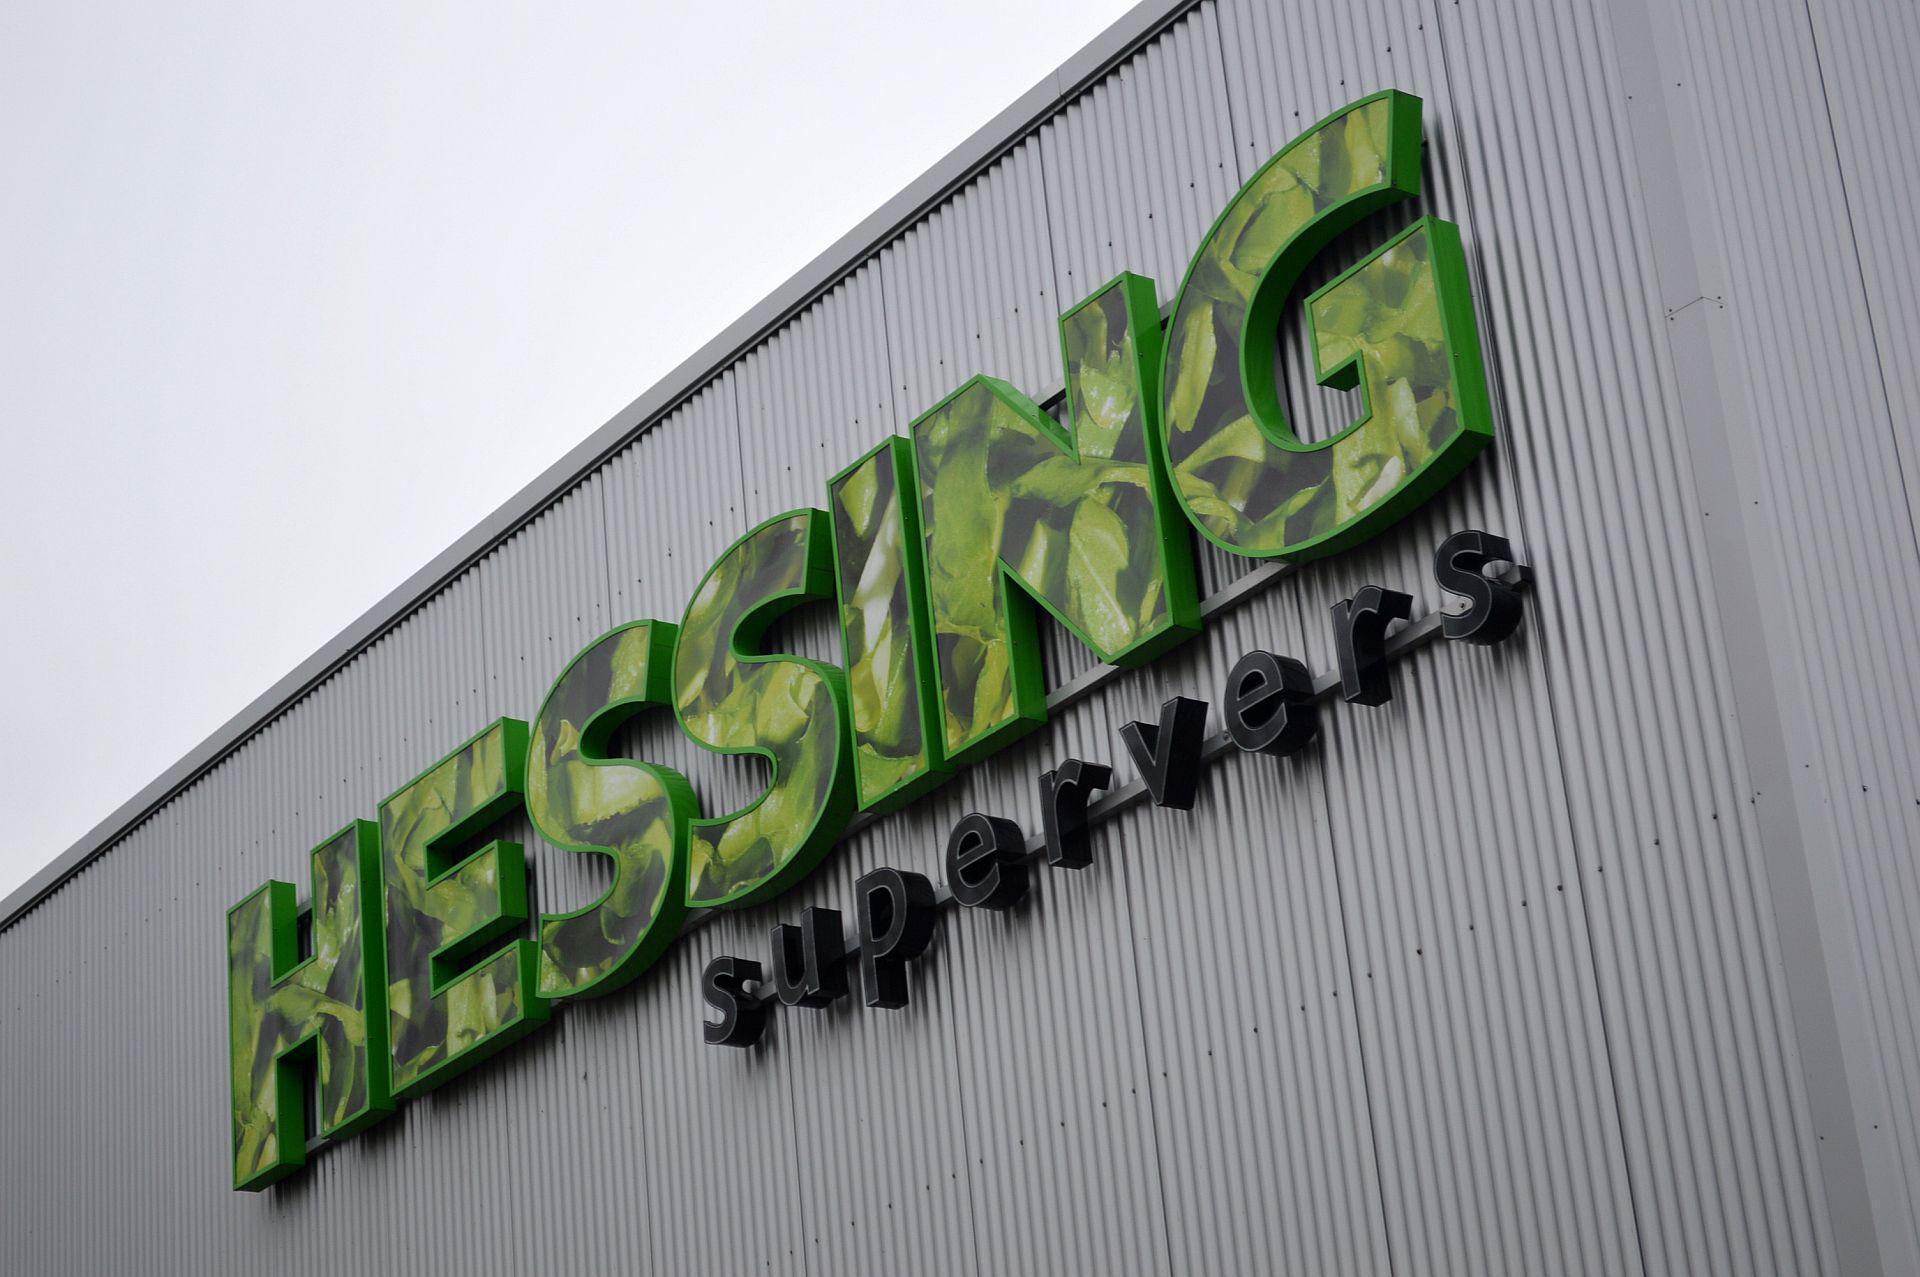 Groenteverwerker Hessing uit Zwaagdijk-Oost wil uitbreiden in Purmerend